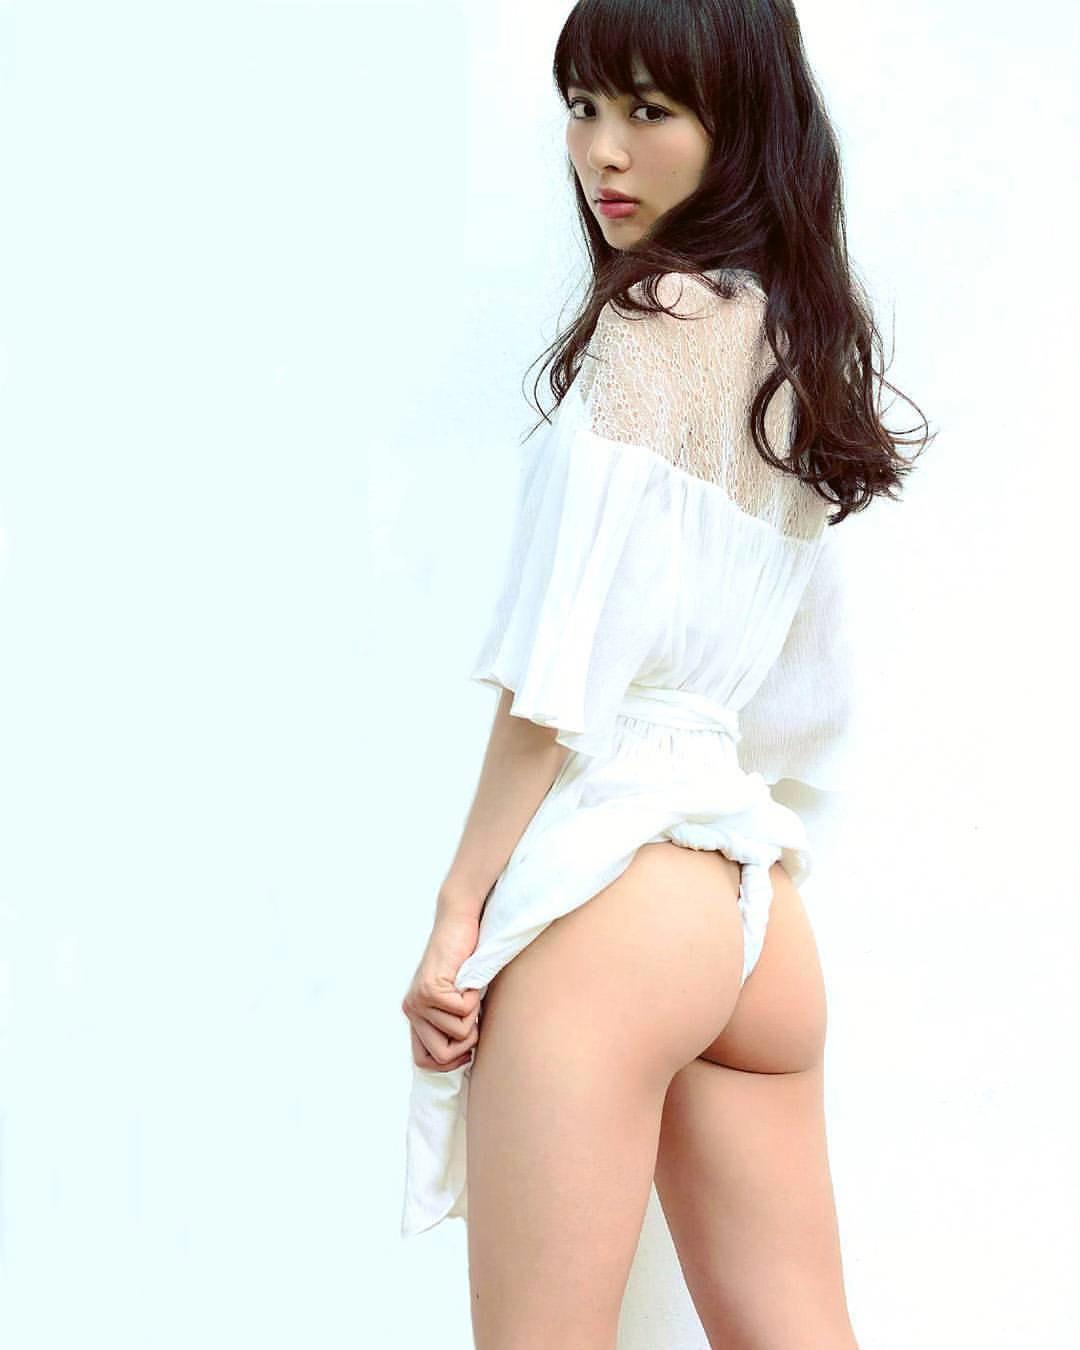 綺麗な芸能人のハミ出た美尻 (19)